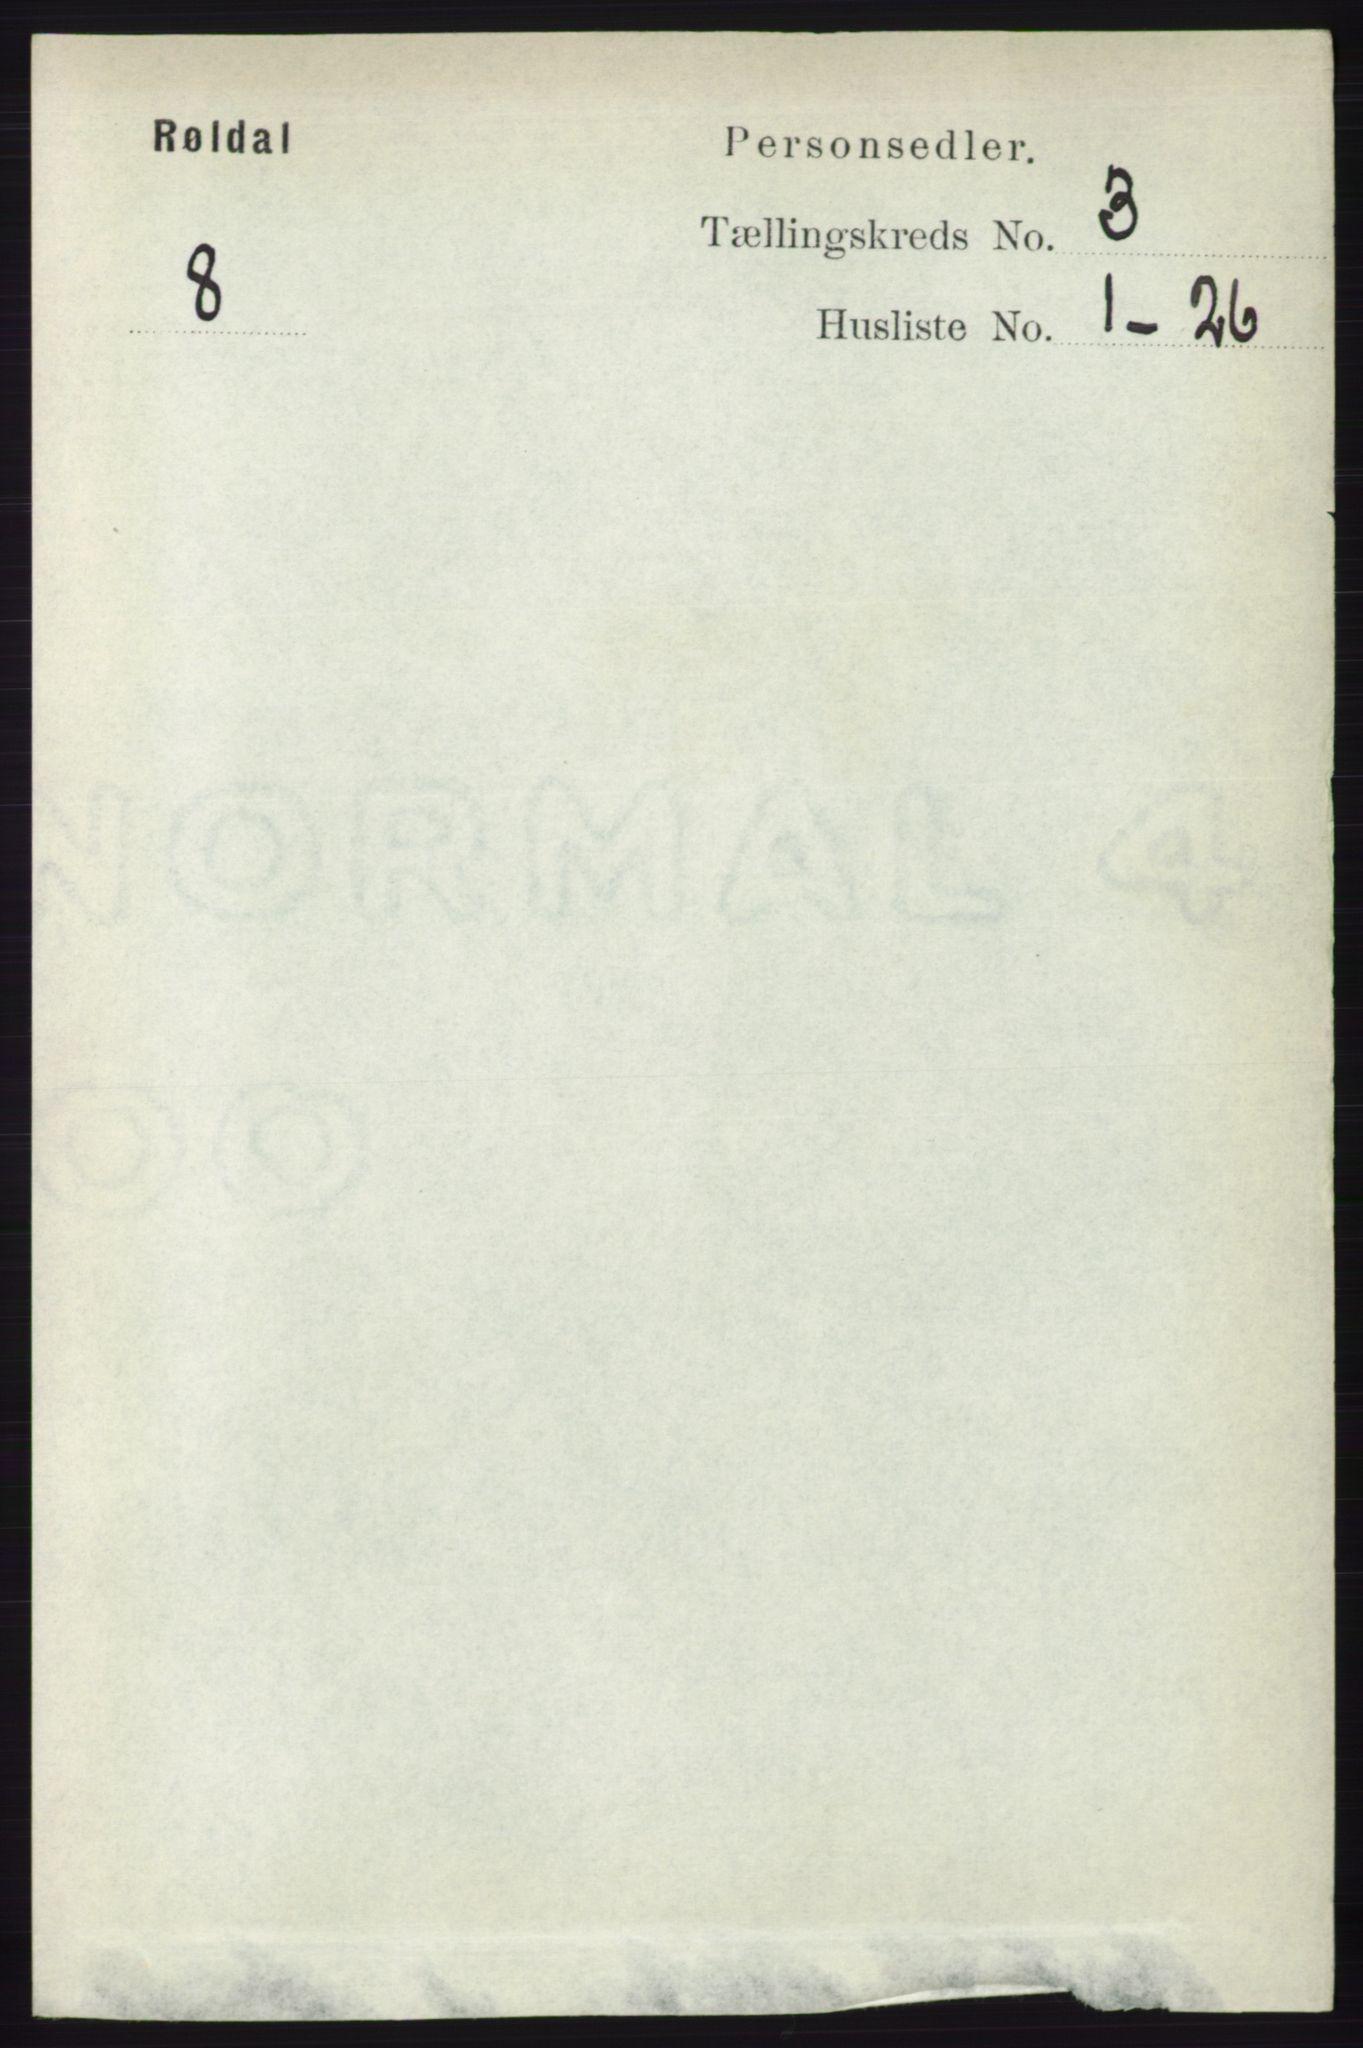 RA, Folketelling 1891 for 1229 Røldal herred, 1891, s. 898